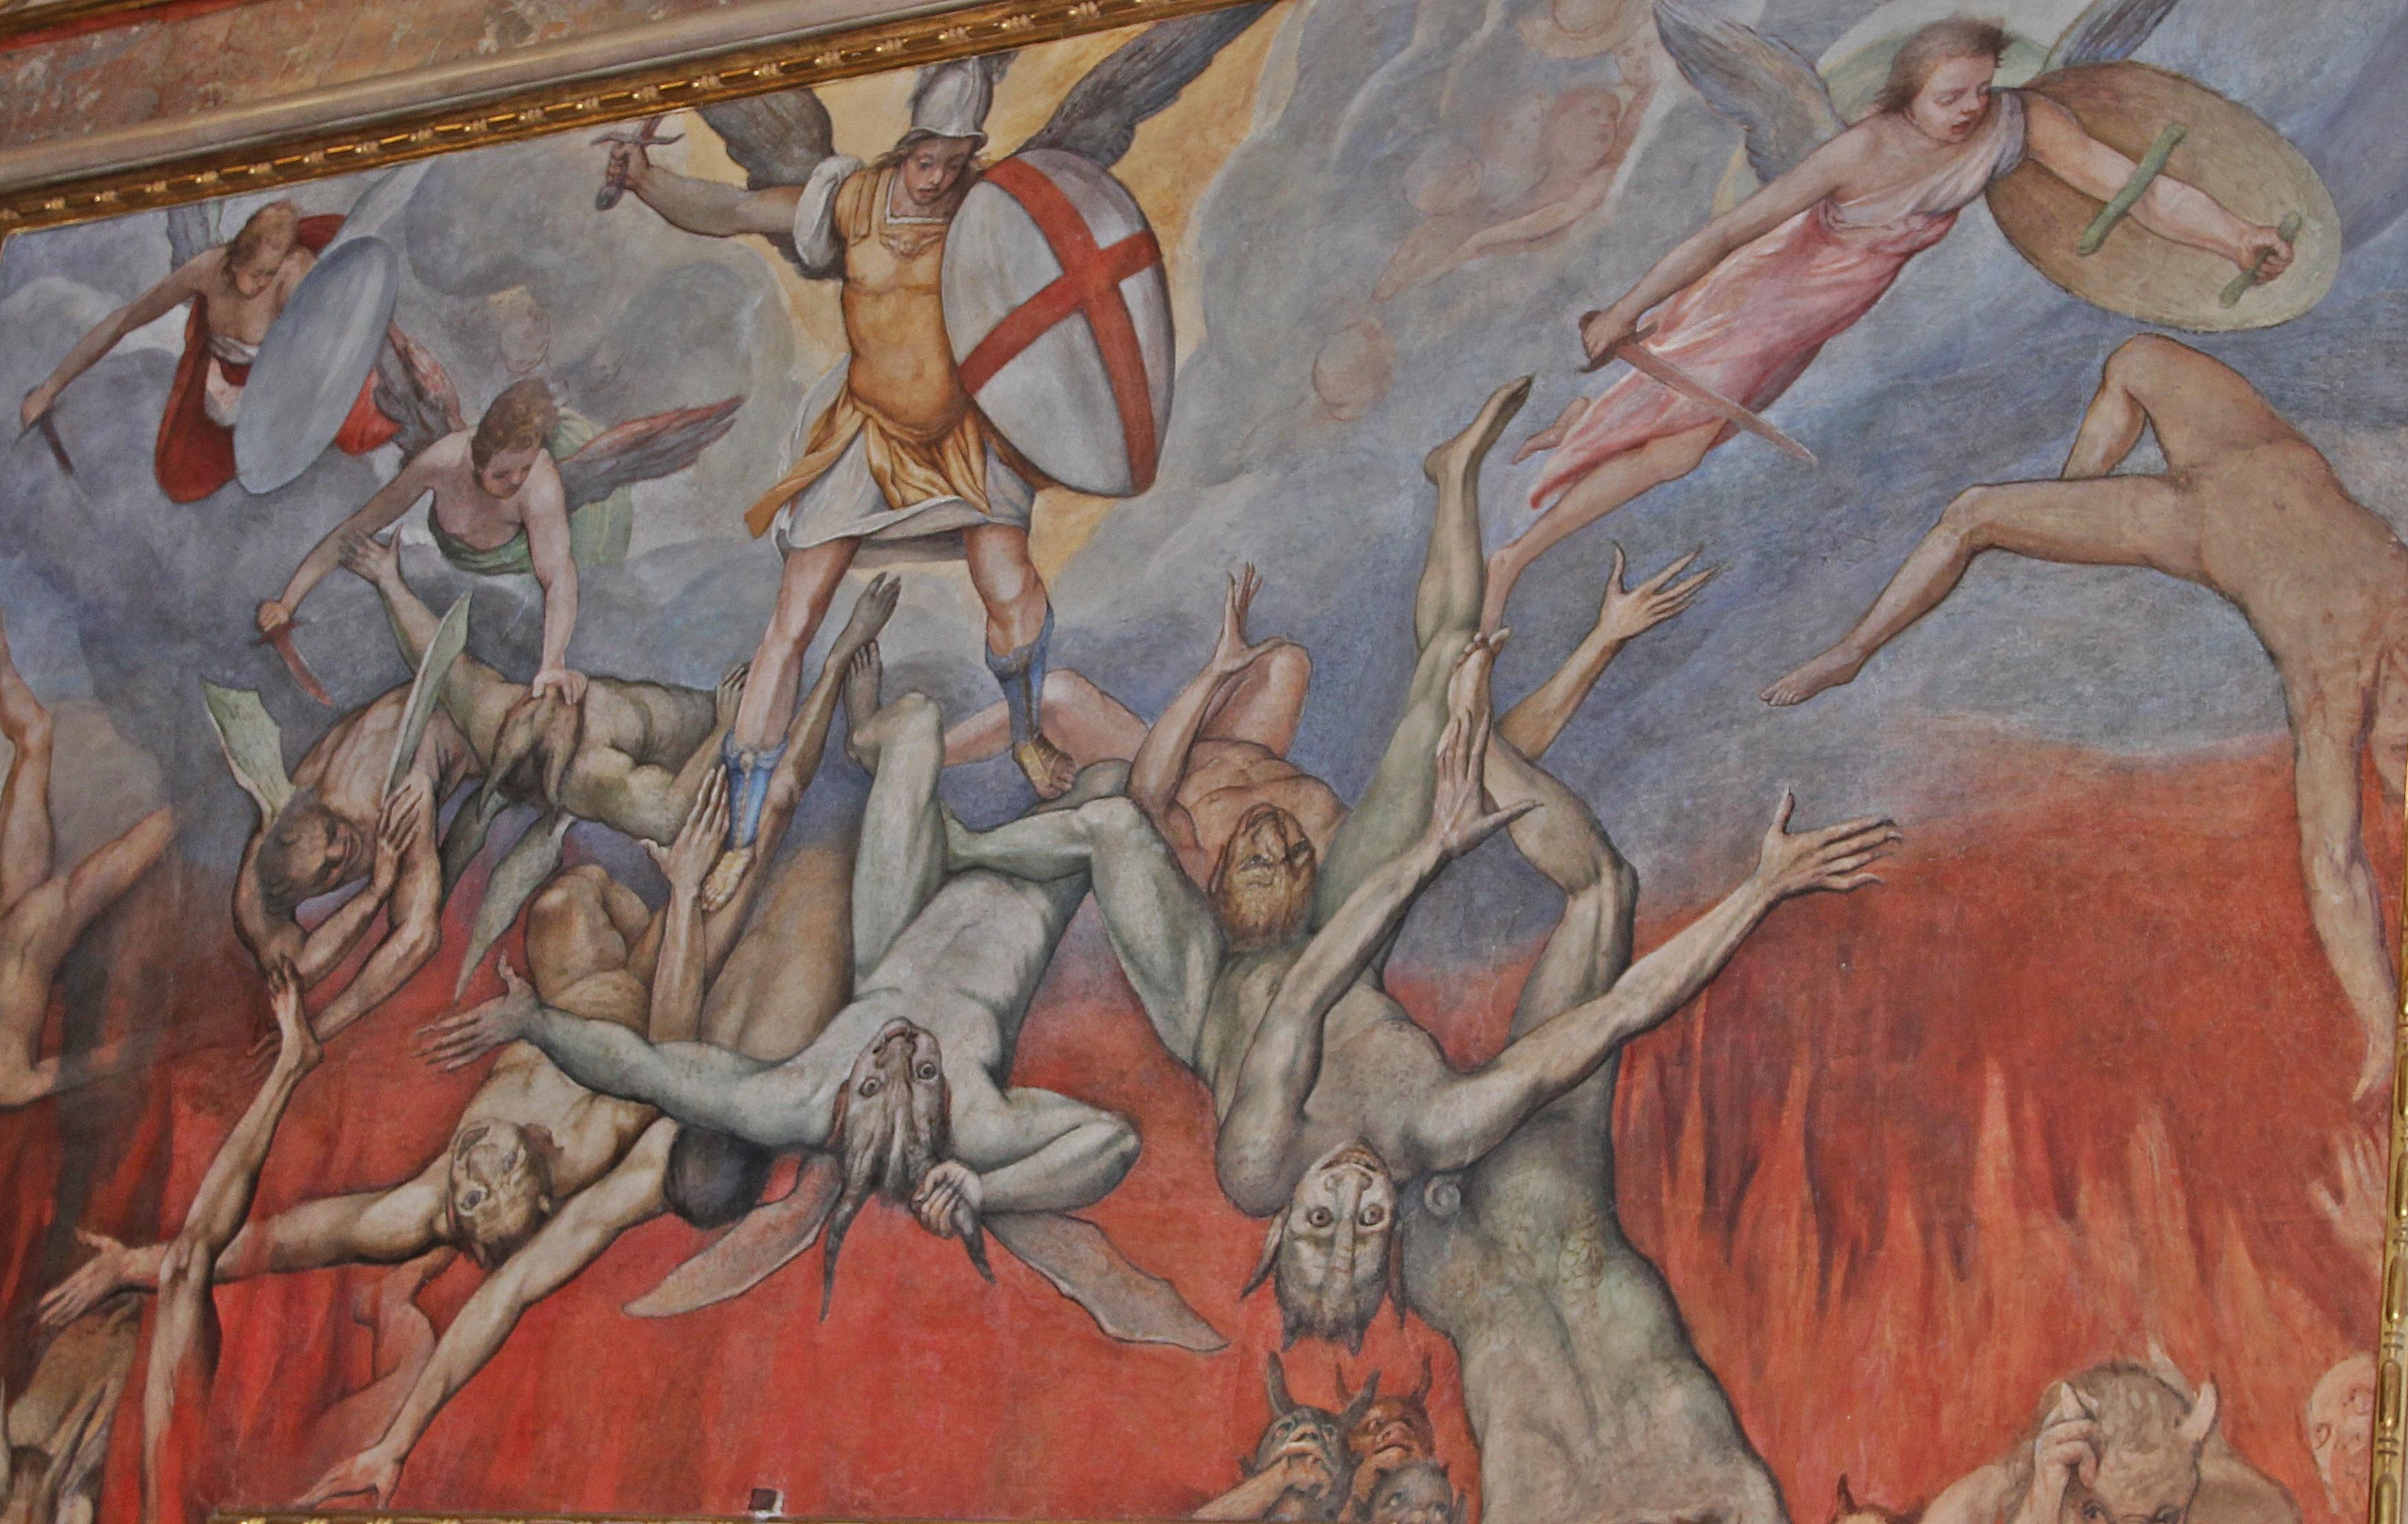 Church of the Gesu in Rome